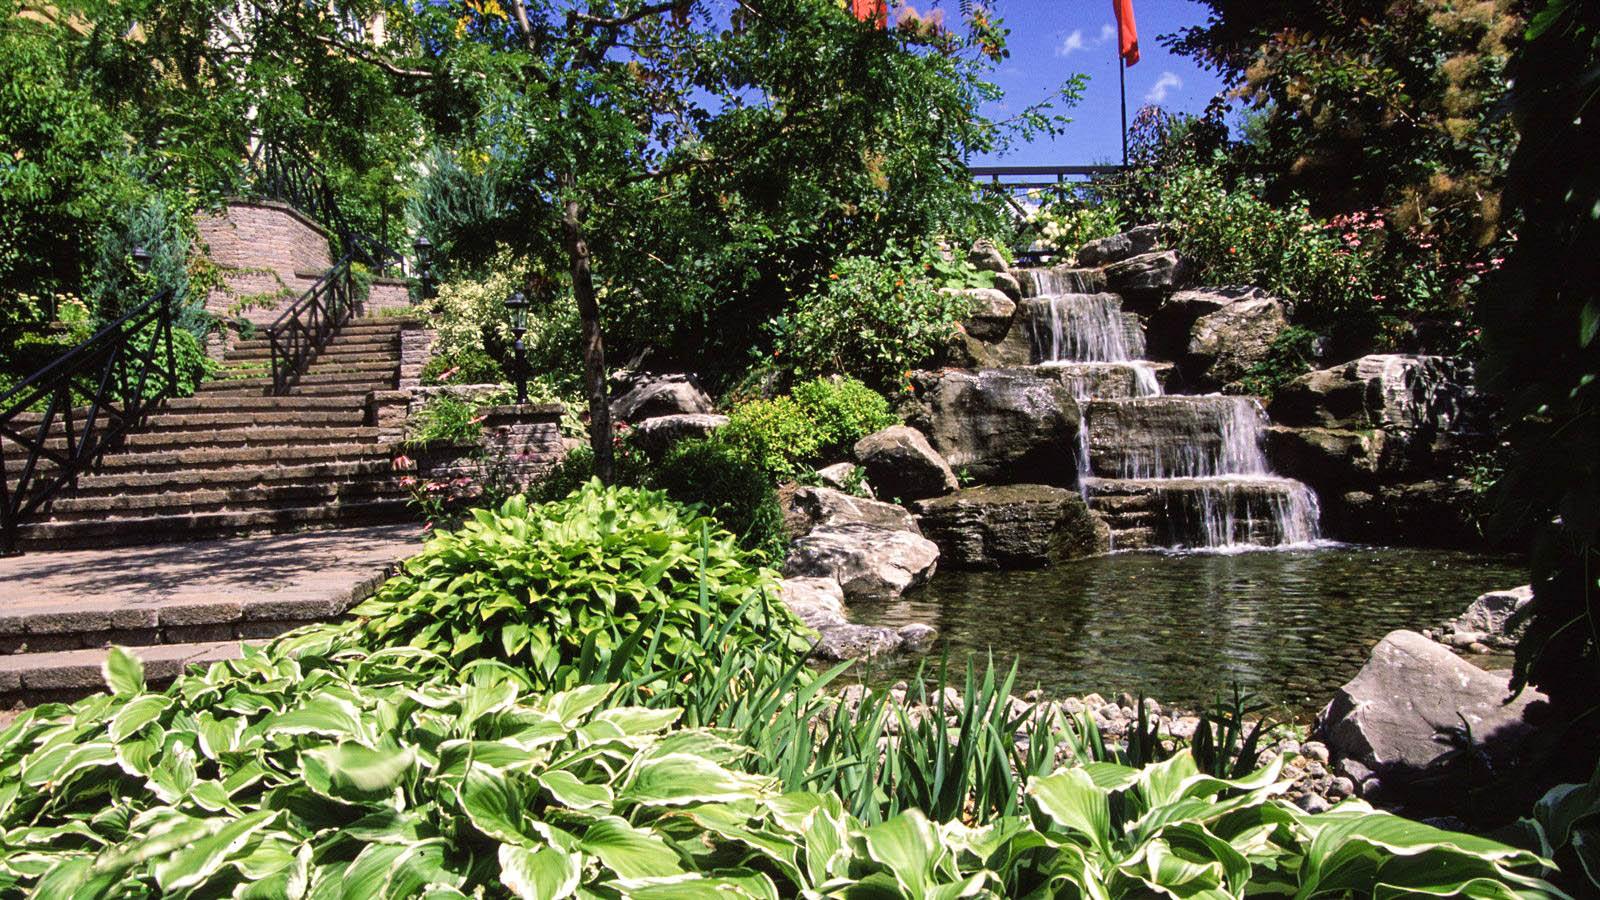 Comment Faire Son Jardin D'eau : Trucs Et Astuces Pour ... serapportantà Construction Jardin Japonais